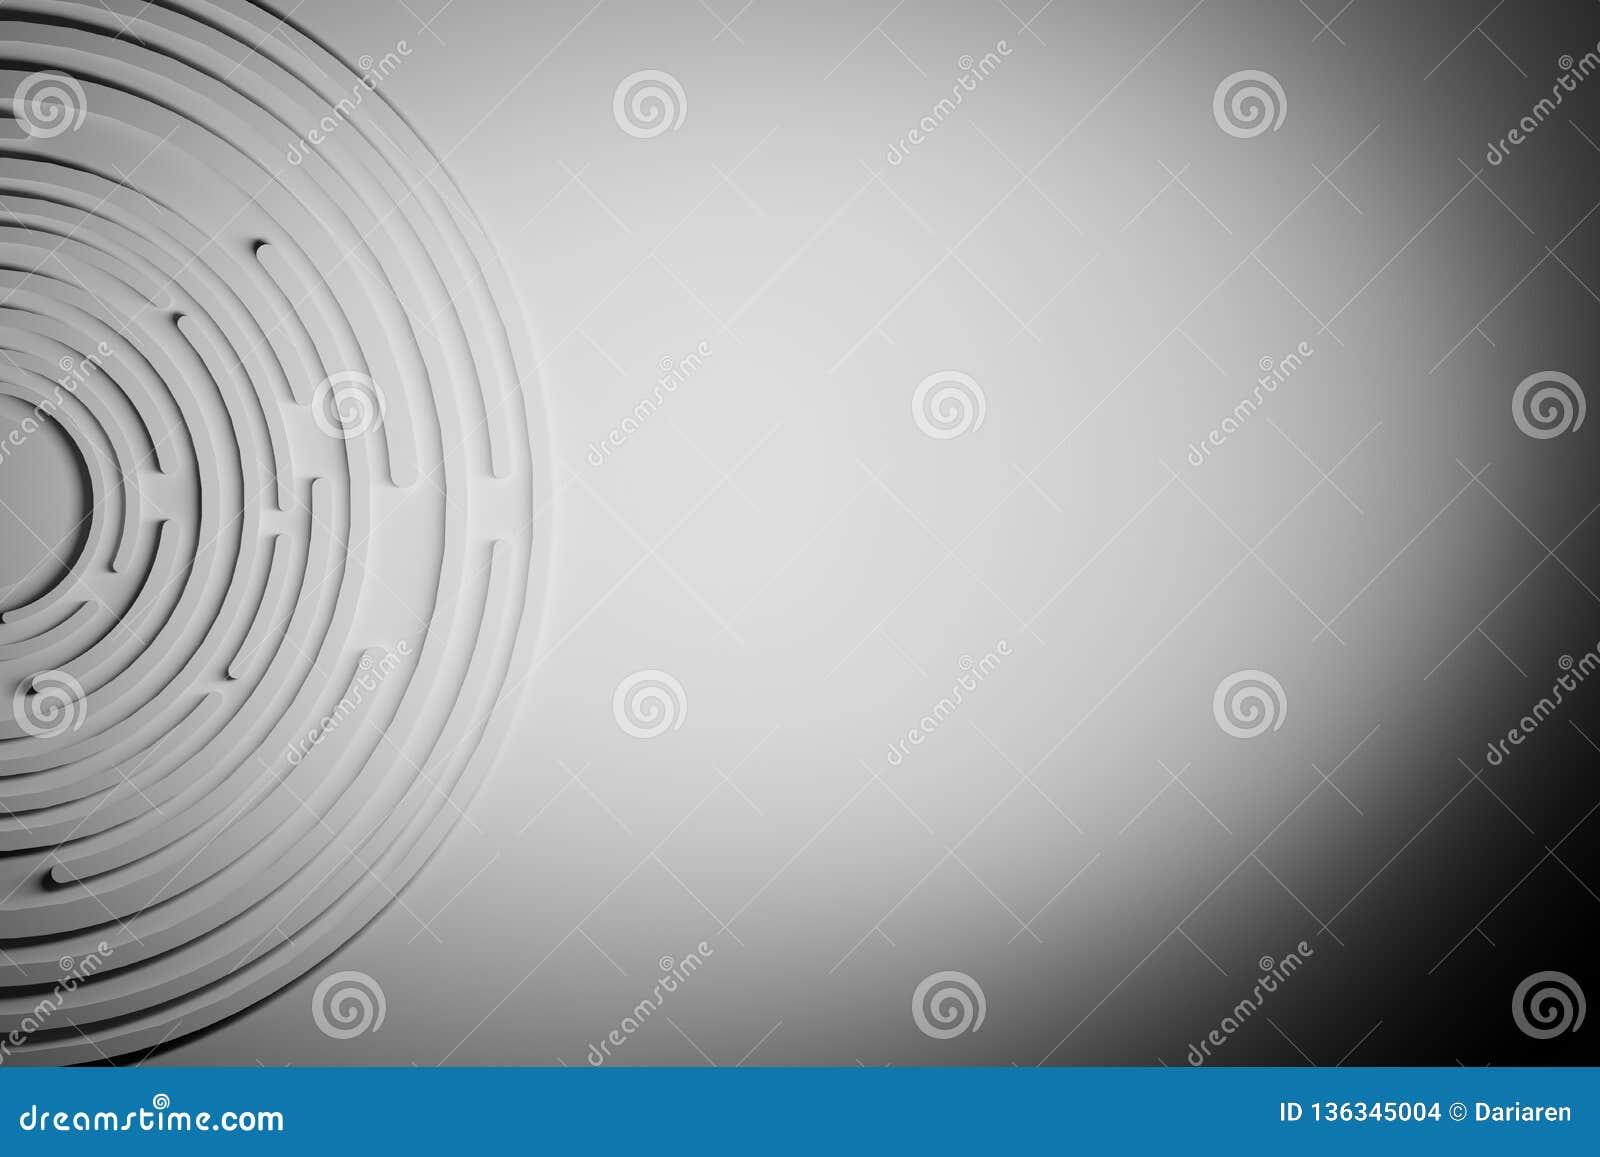 Abstrakter einfarbiger Hintergrund mit Kreisformen